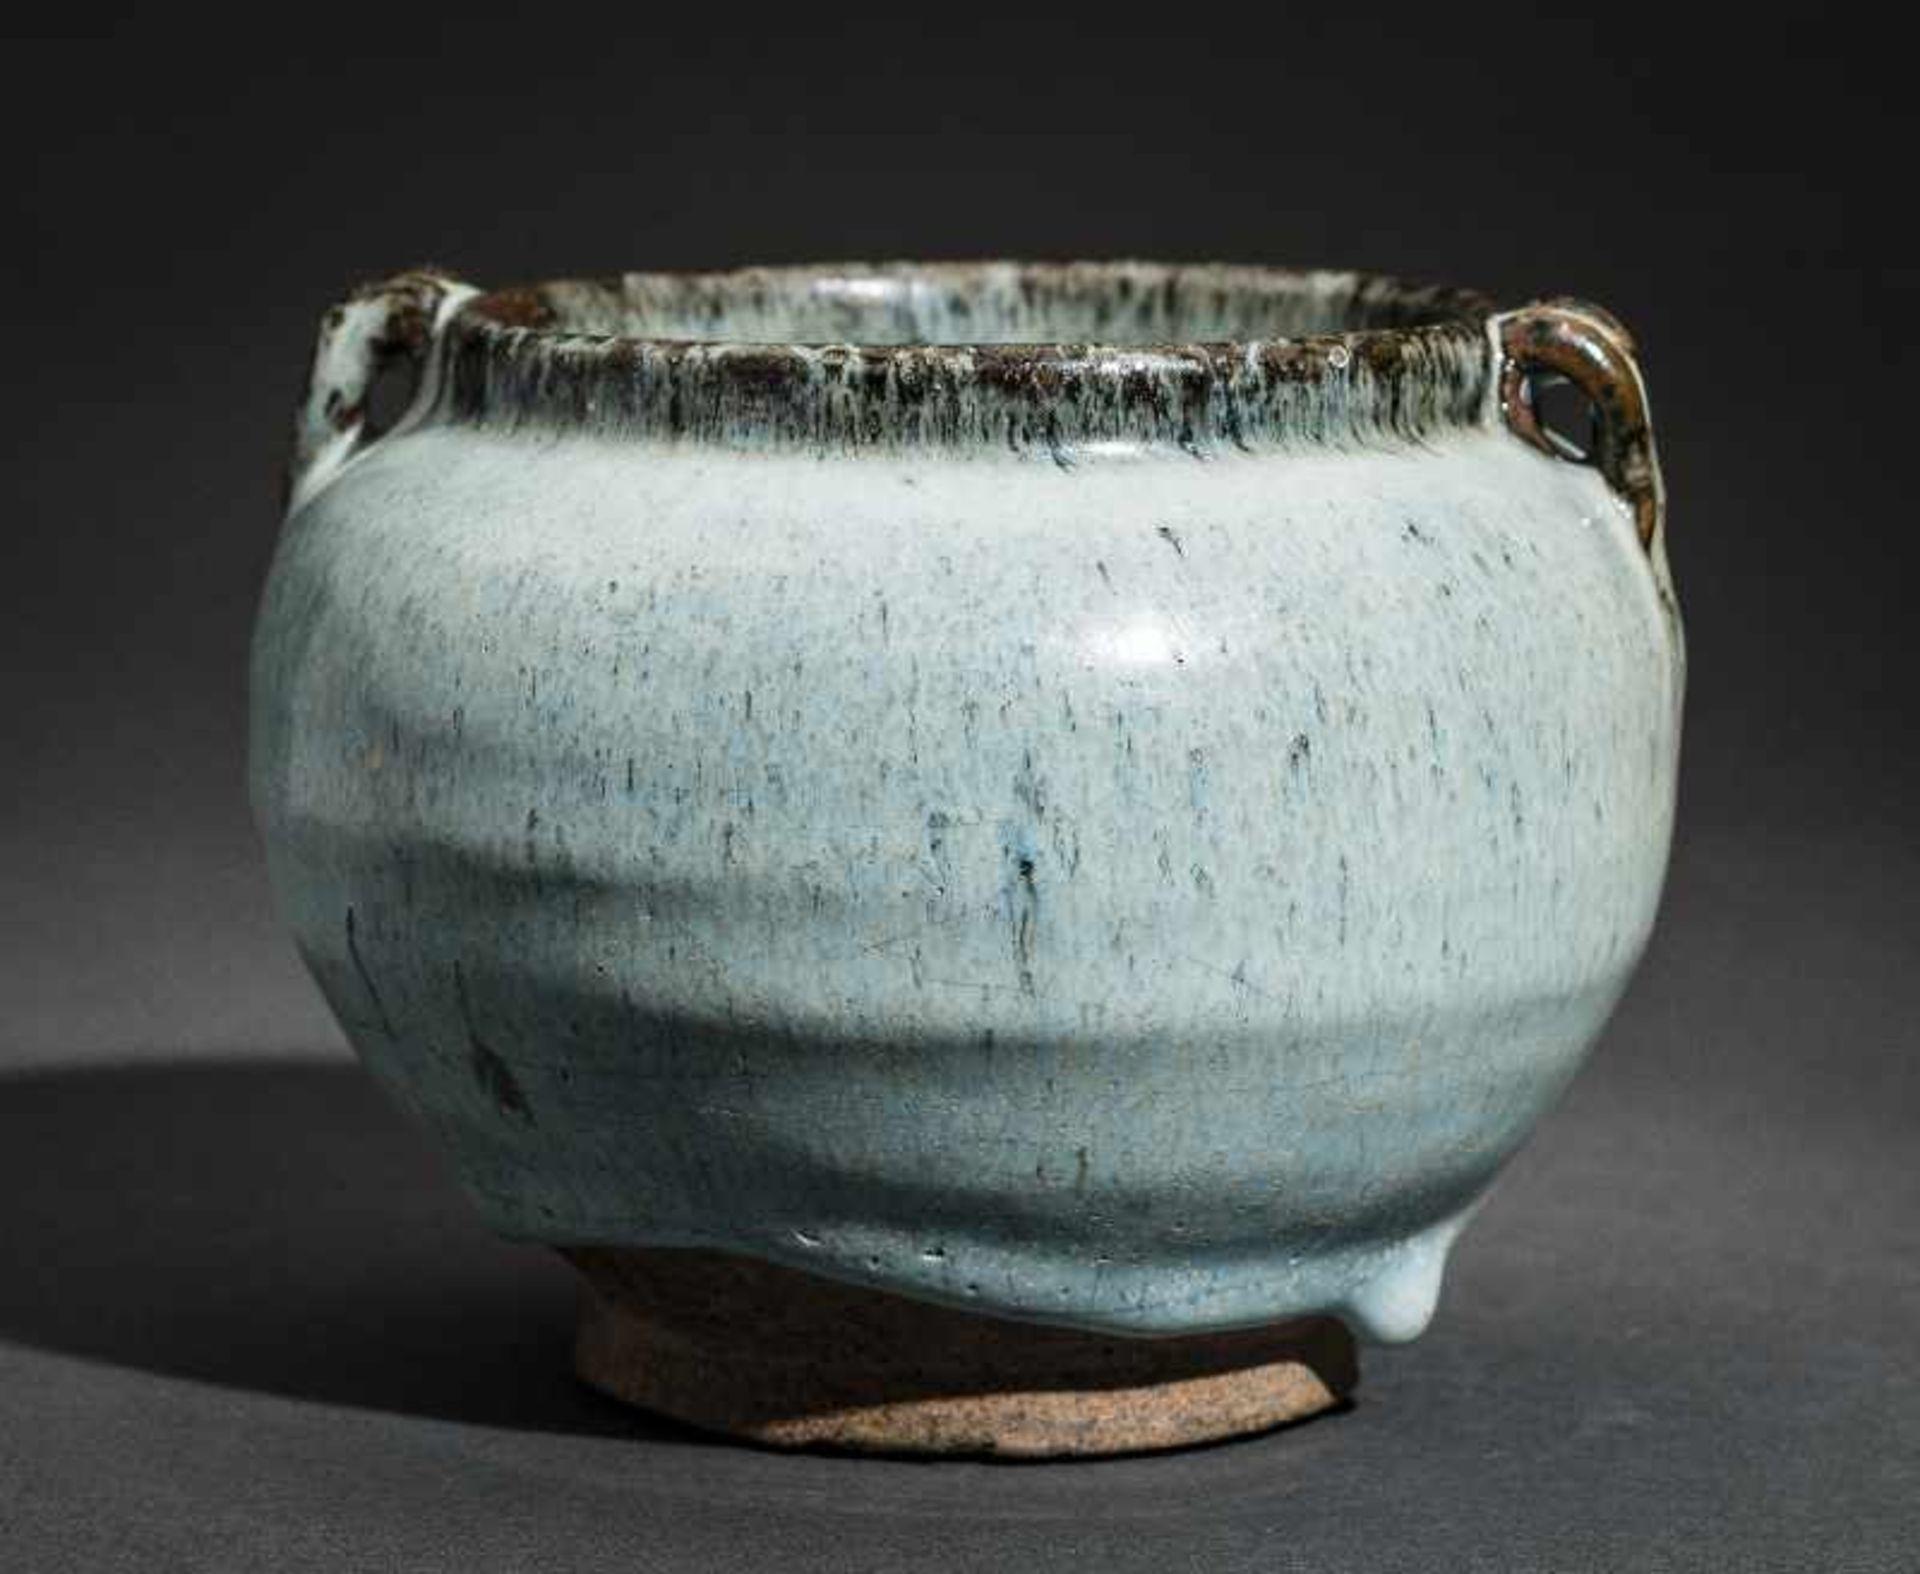 SCHULTERTOPF JUNYAO Glasierte Keramik. China, Yuan bis Ming, ca. 14. bis 15. Jh. Sehr